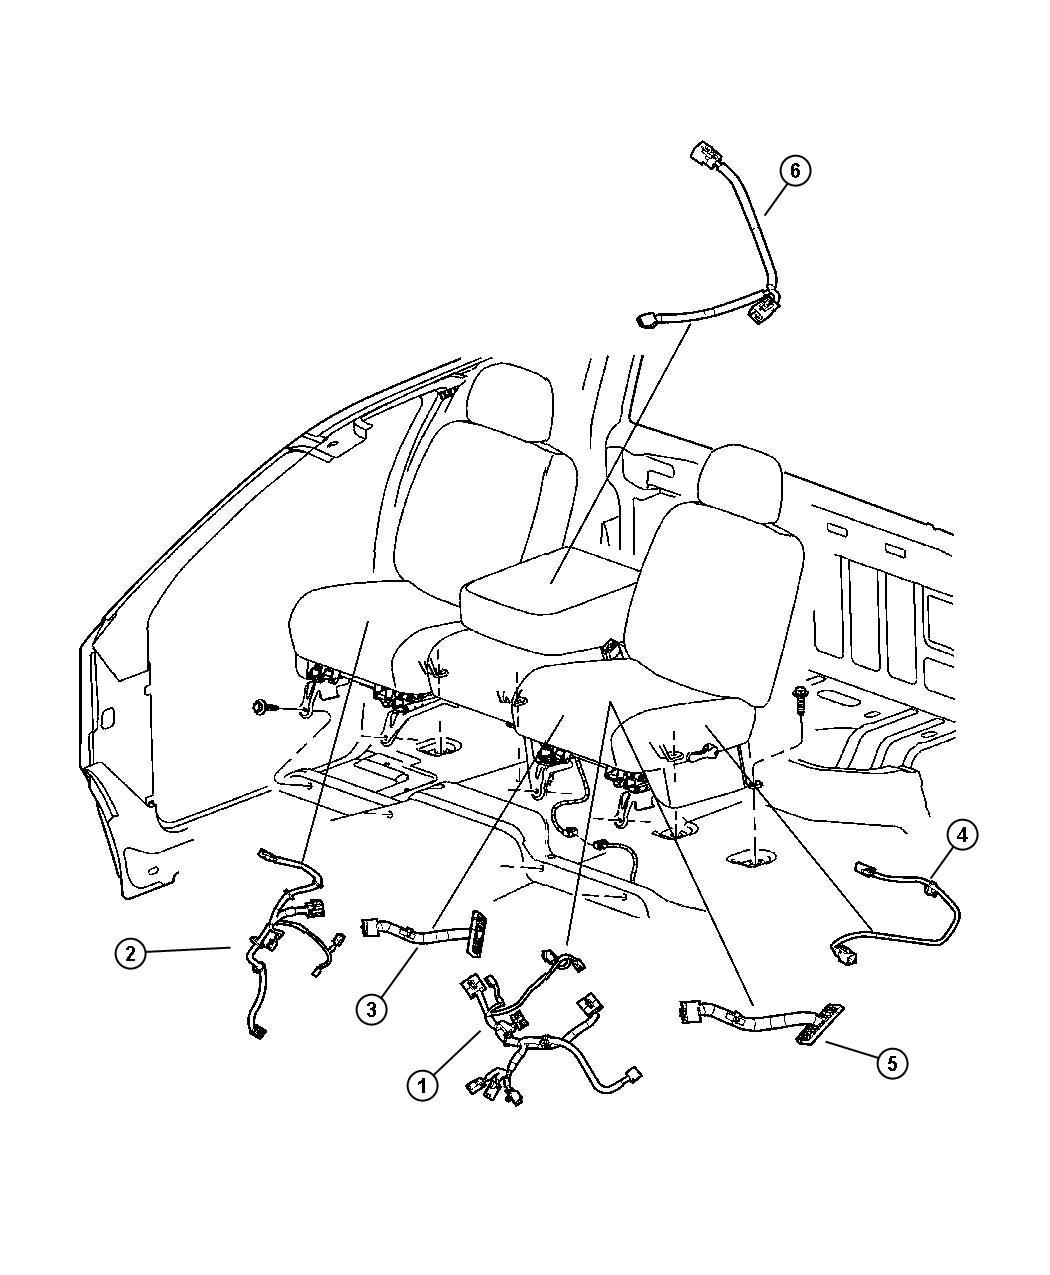 Dodge Ram Pickup Wiring Seats